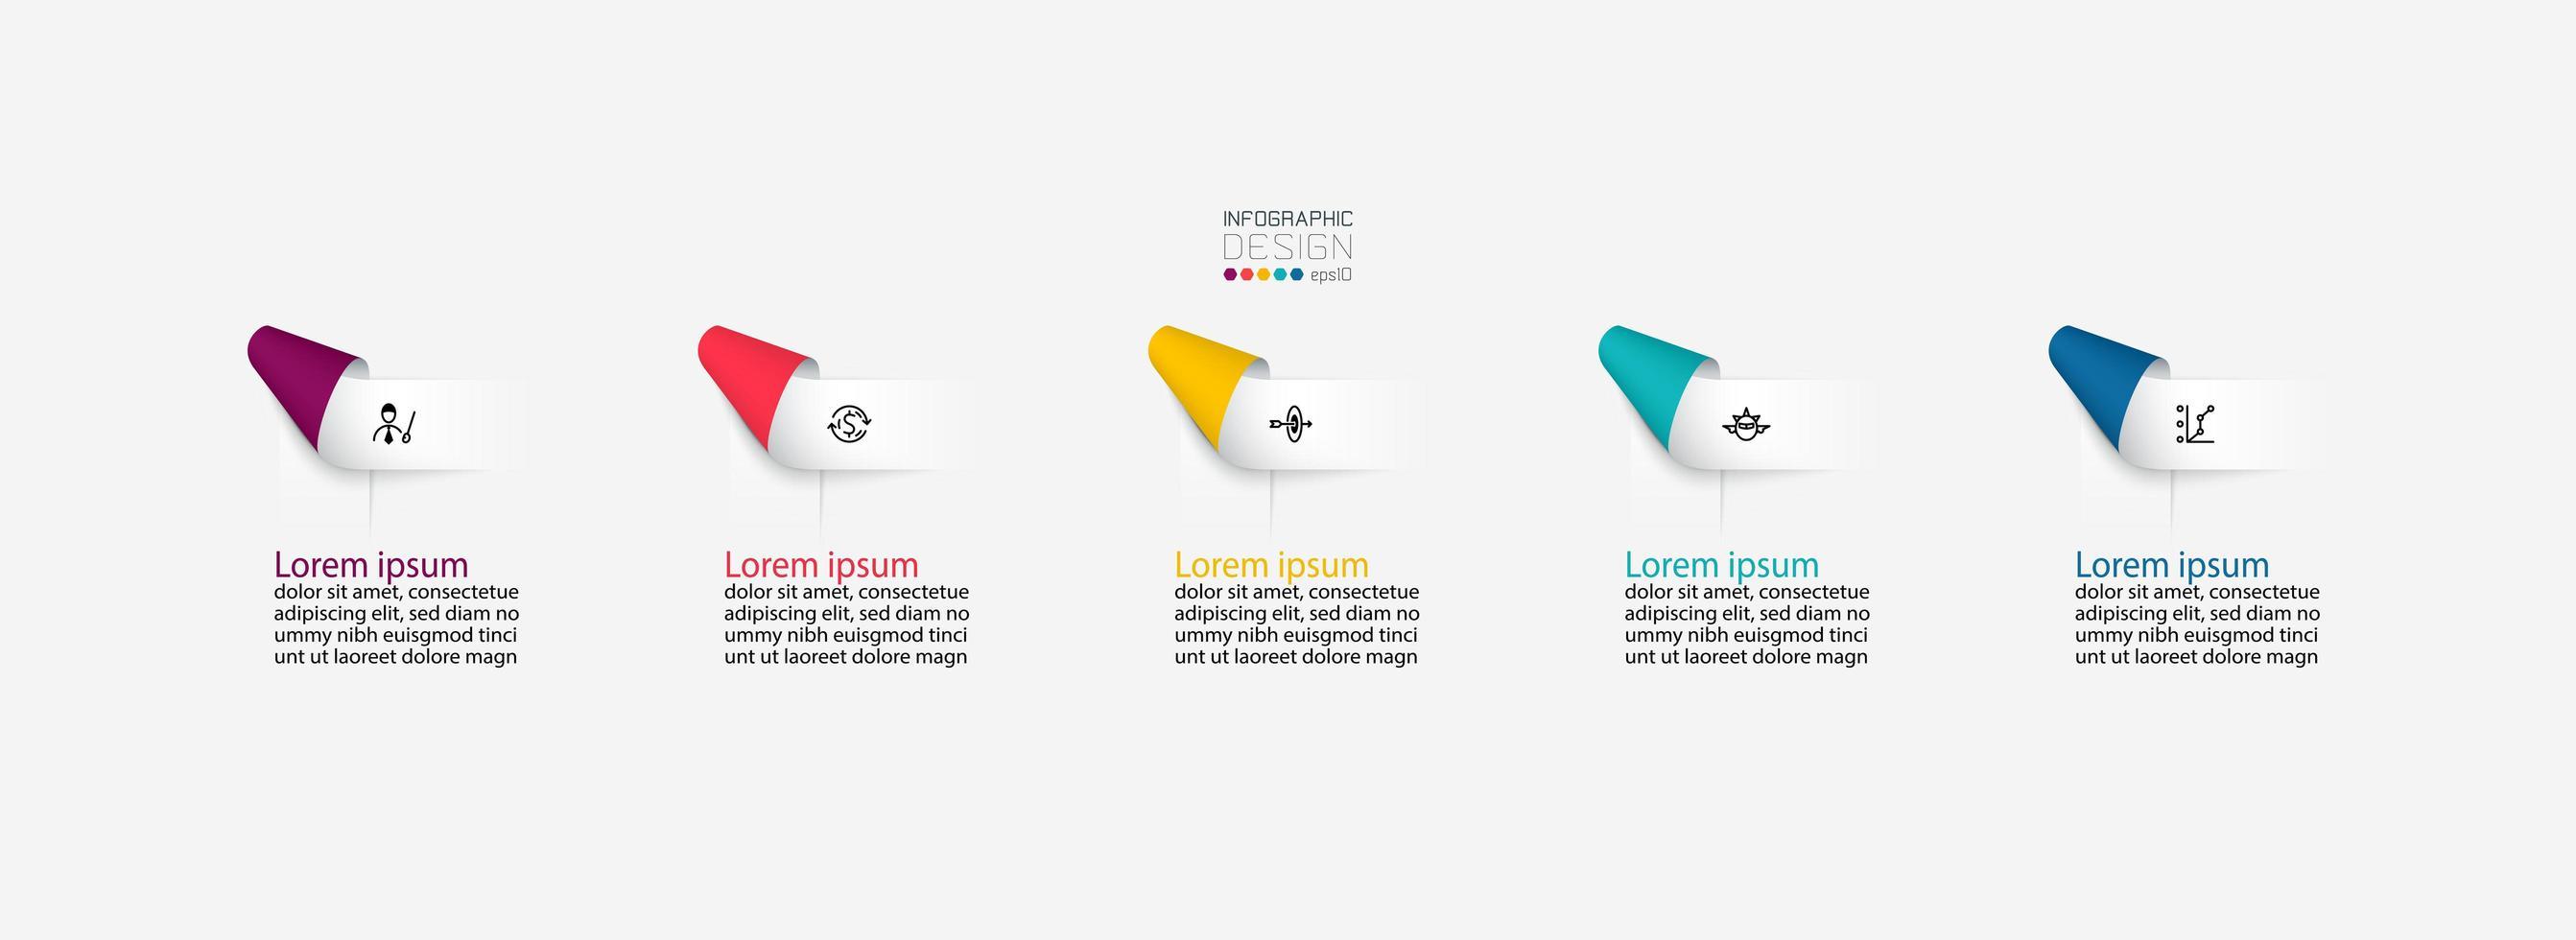 Infografía de etiquetas de cinta doblada vector